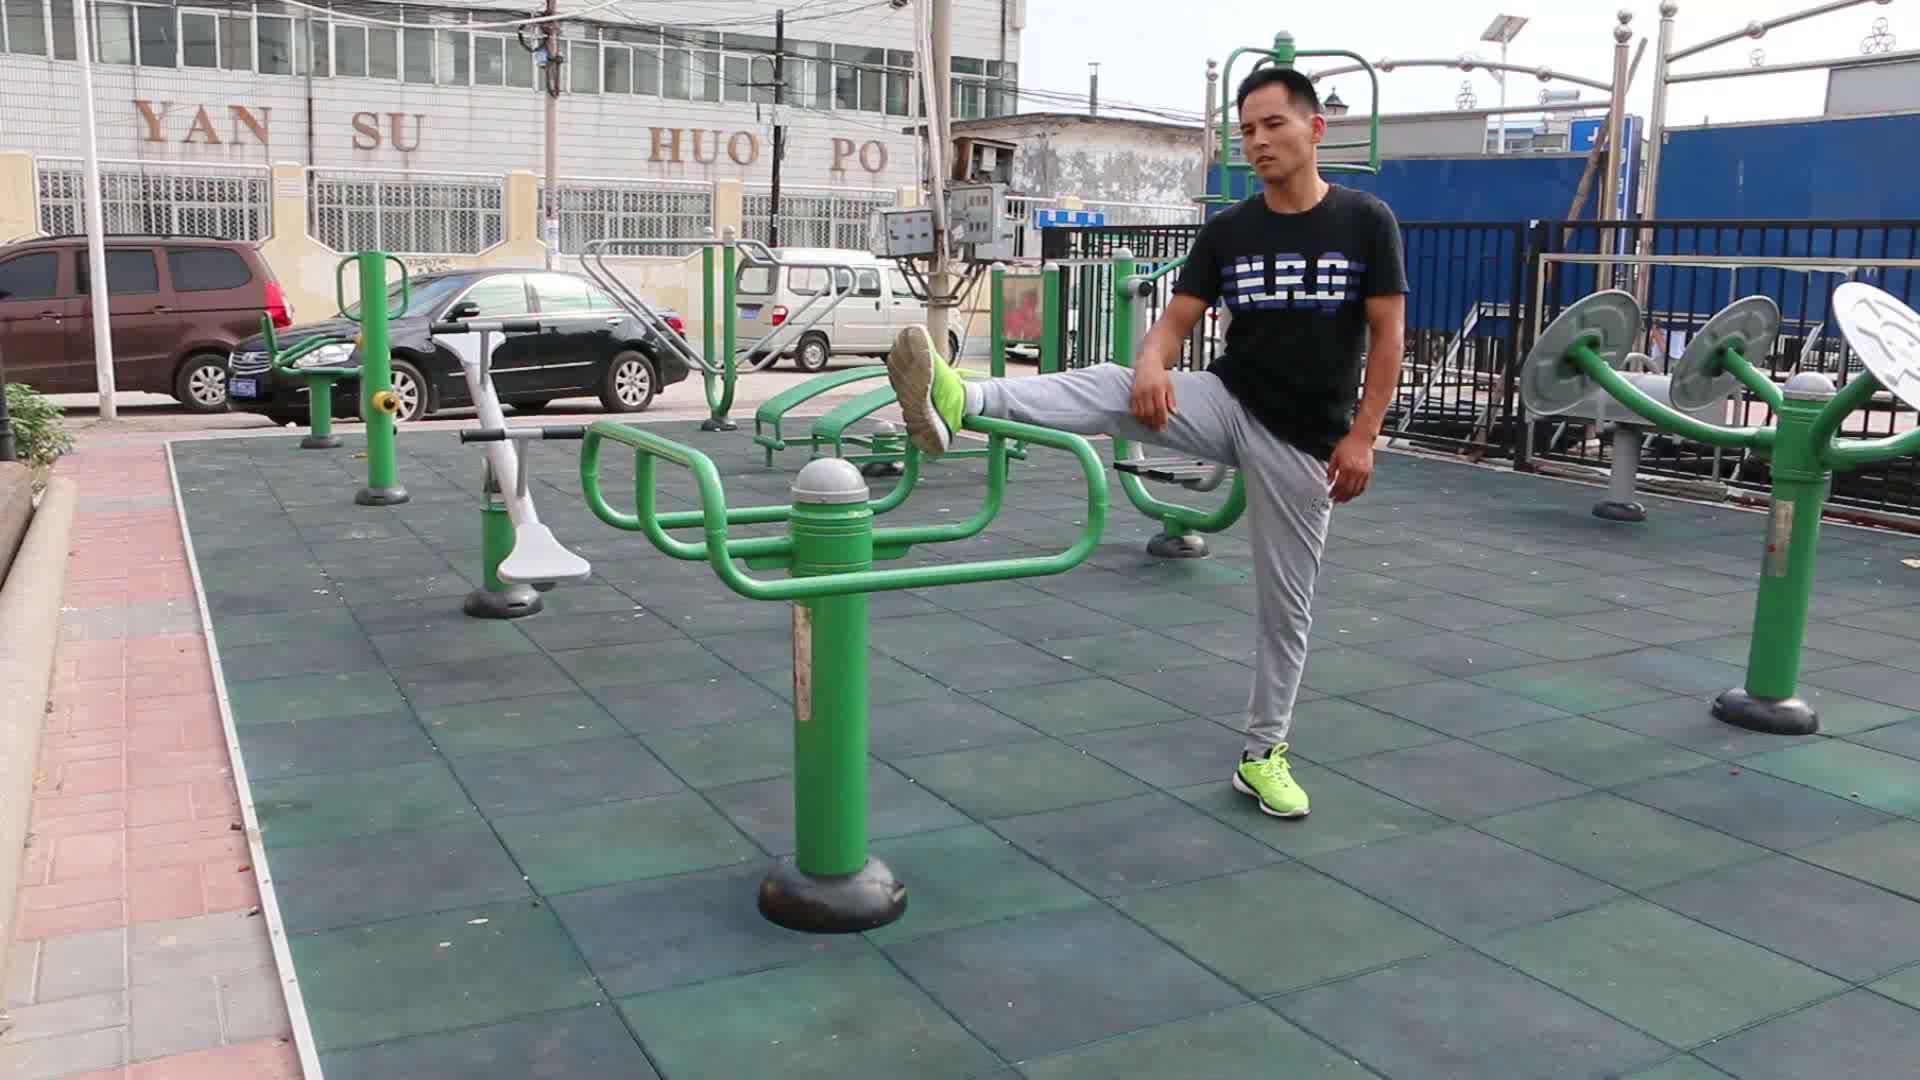 Übung Ausrüstung Gym China Outdoor Fitness Hersteller Erwachsene Straße Workout Ausrüstung Park Übung ausrüstung Bein stretch